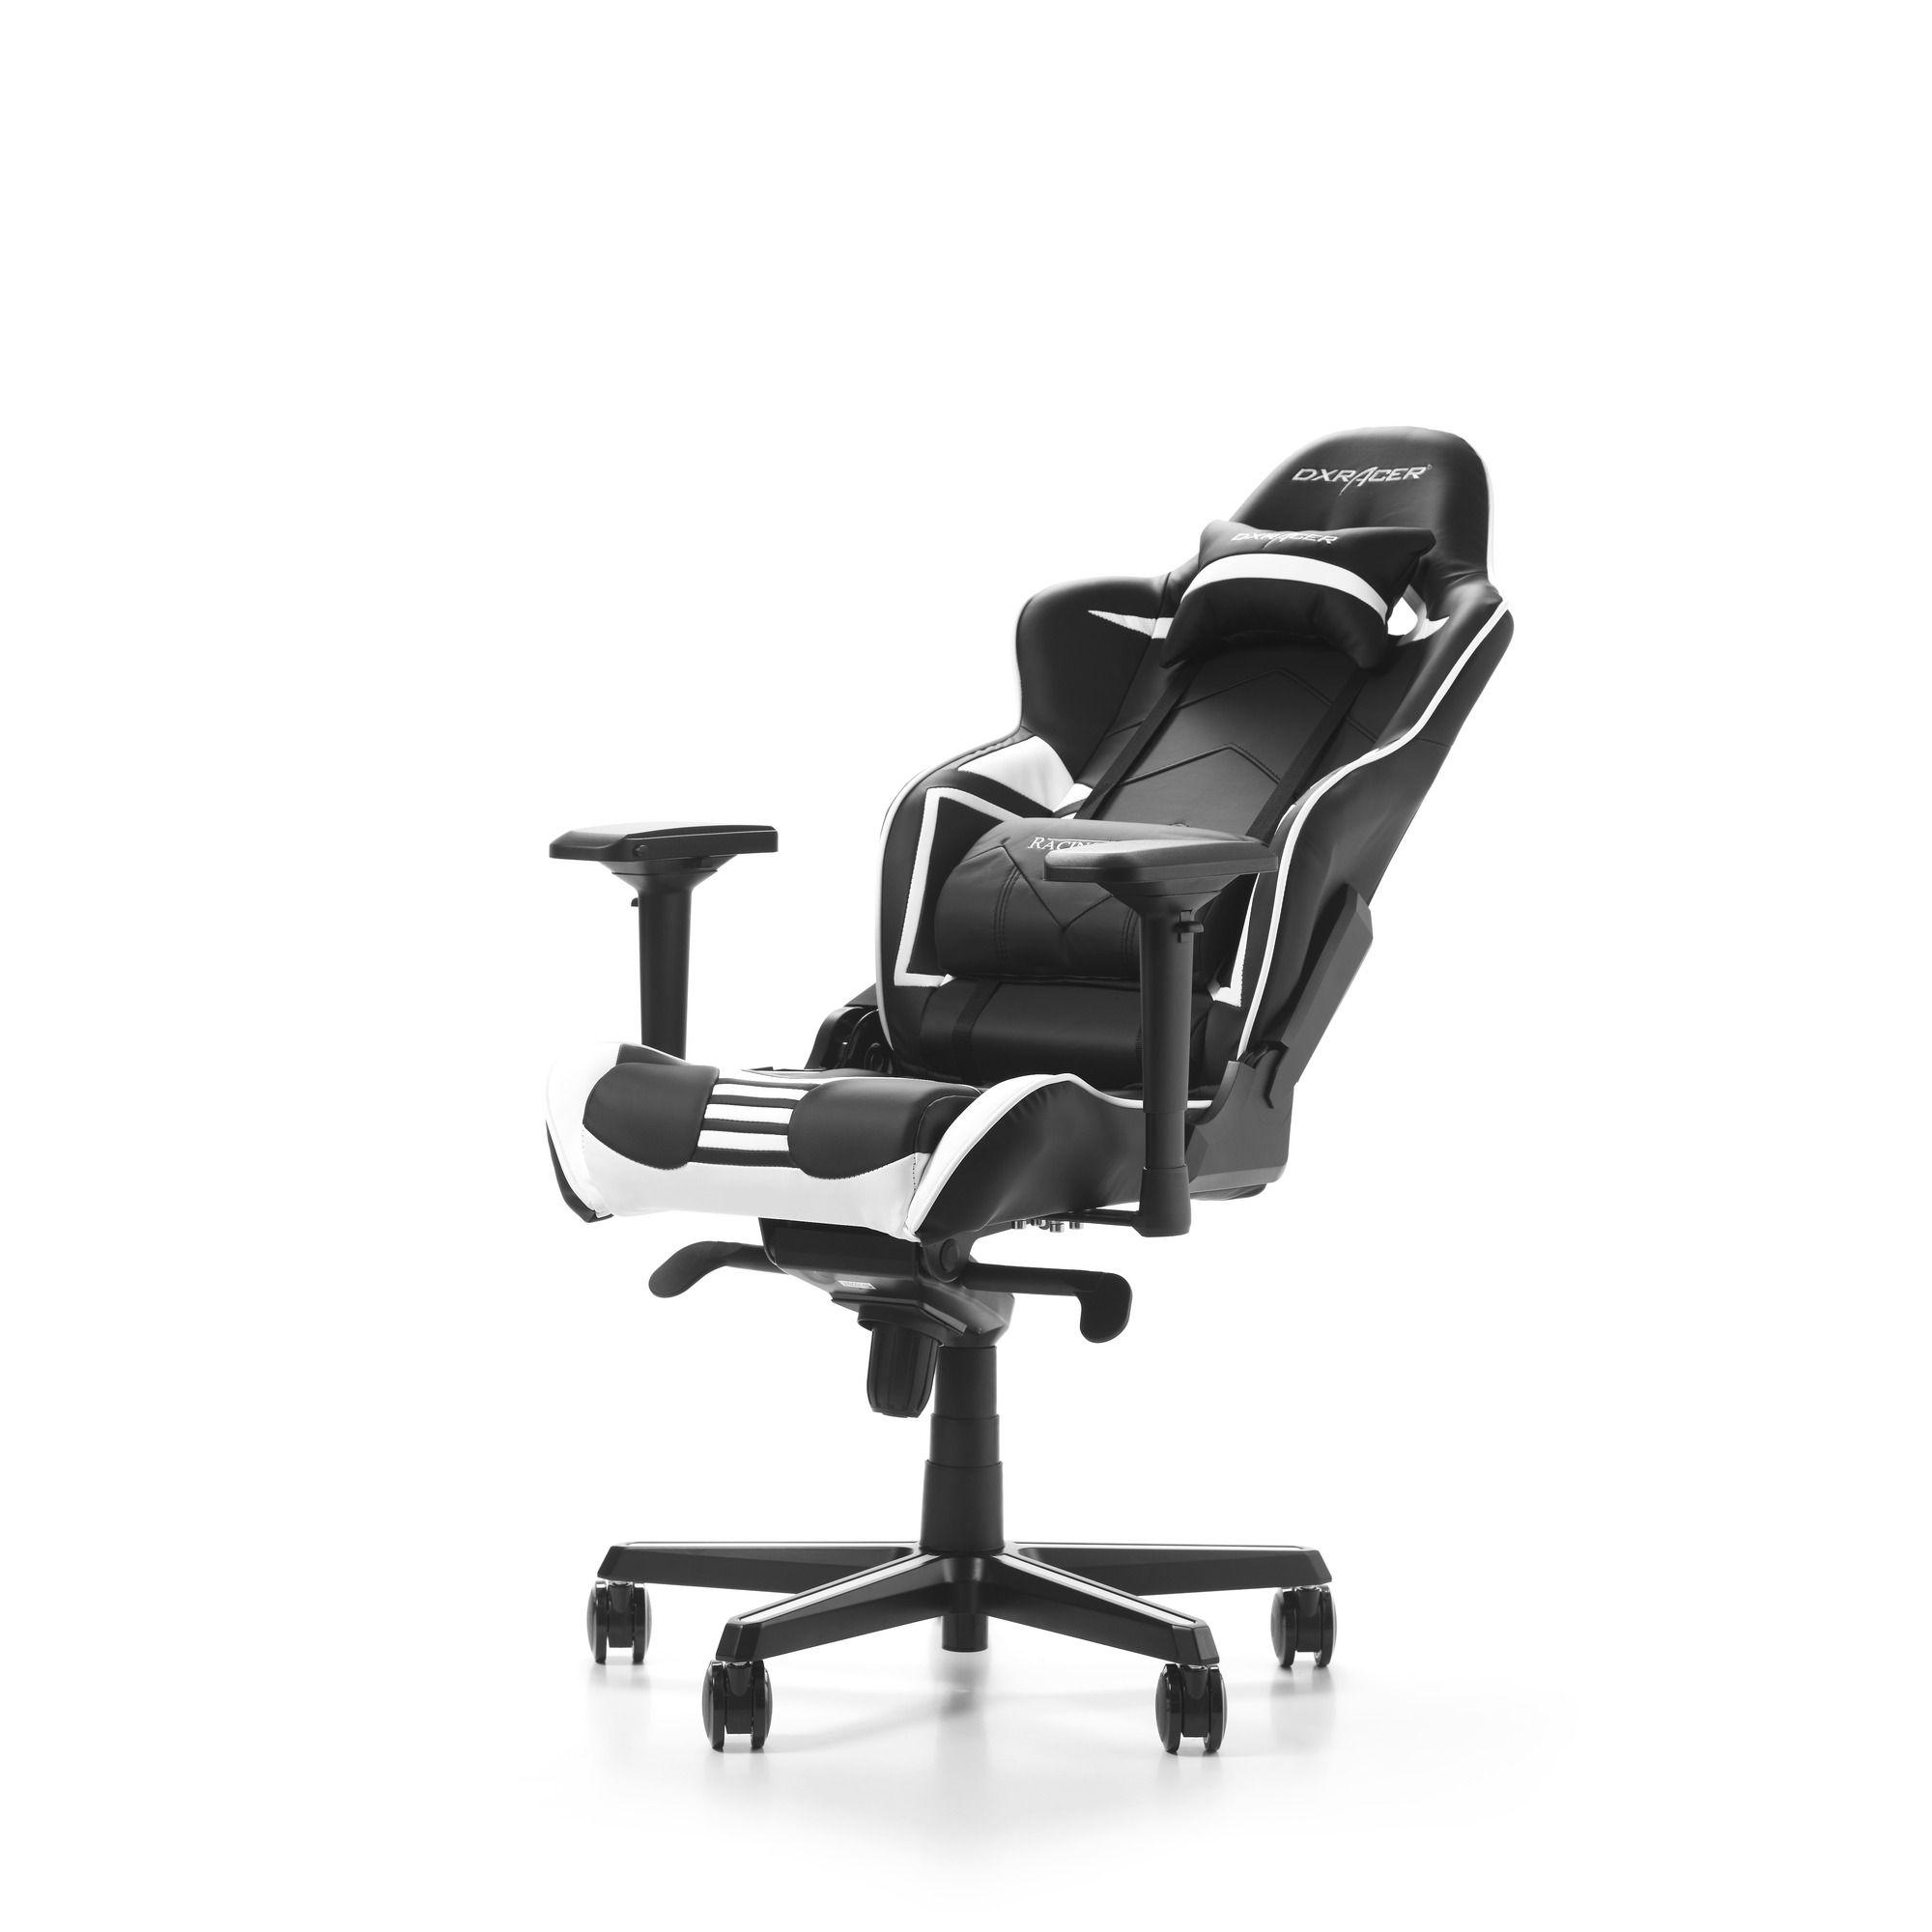 Гейминг стол DXRacer OH/RV131/NW - серия RACING V2, черен/бял - 2